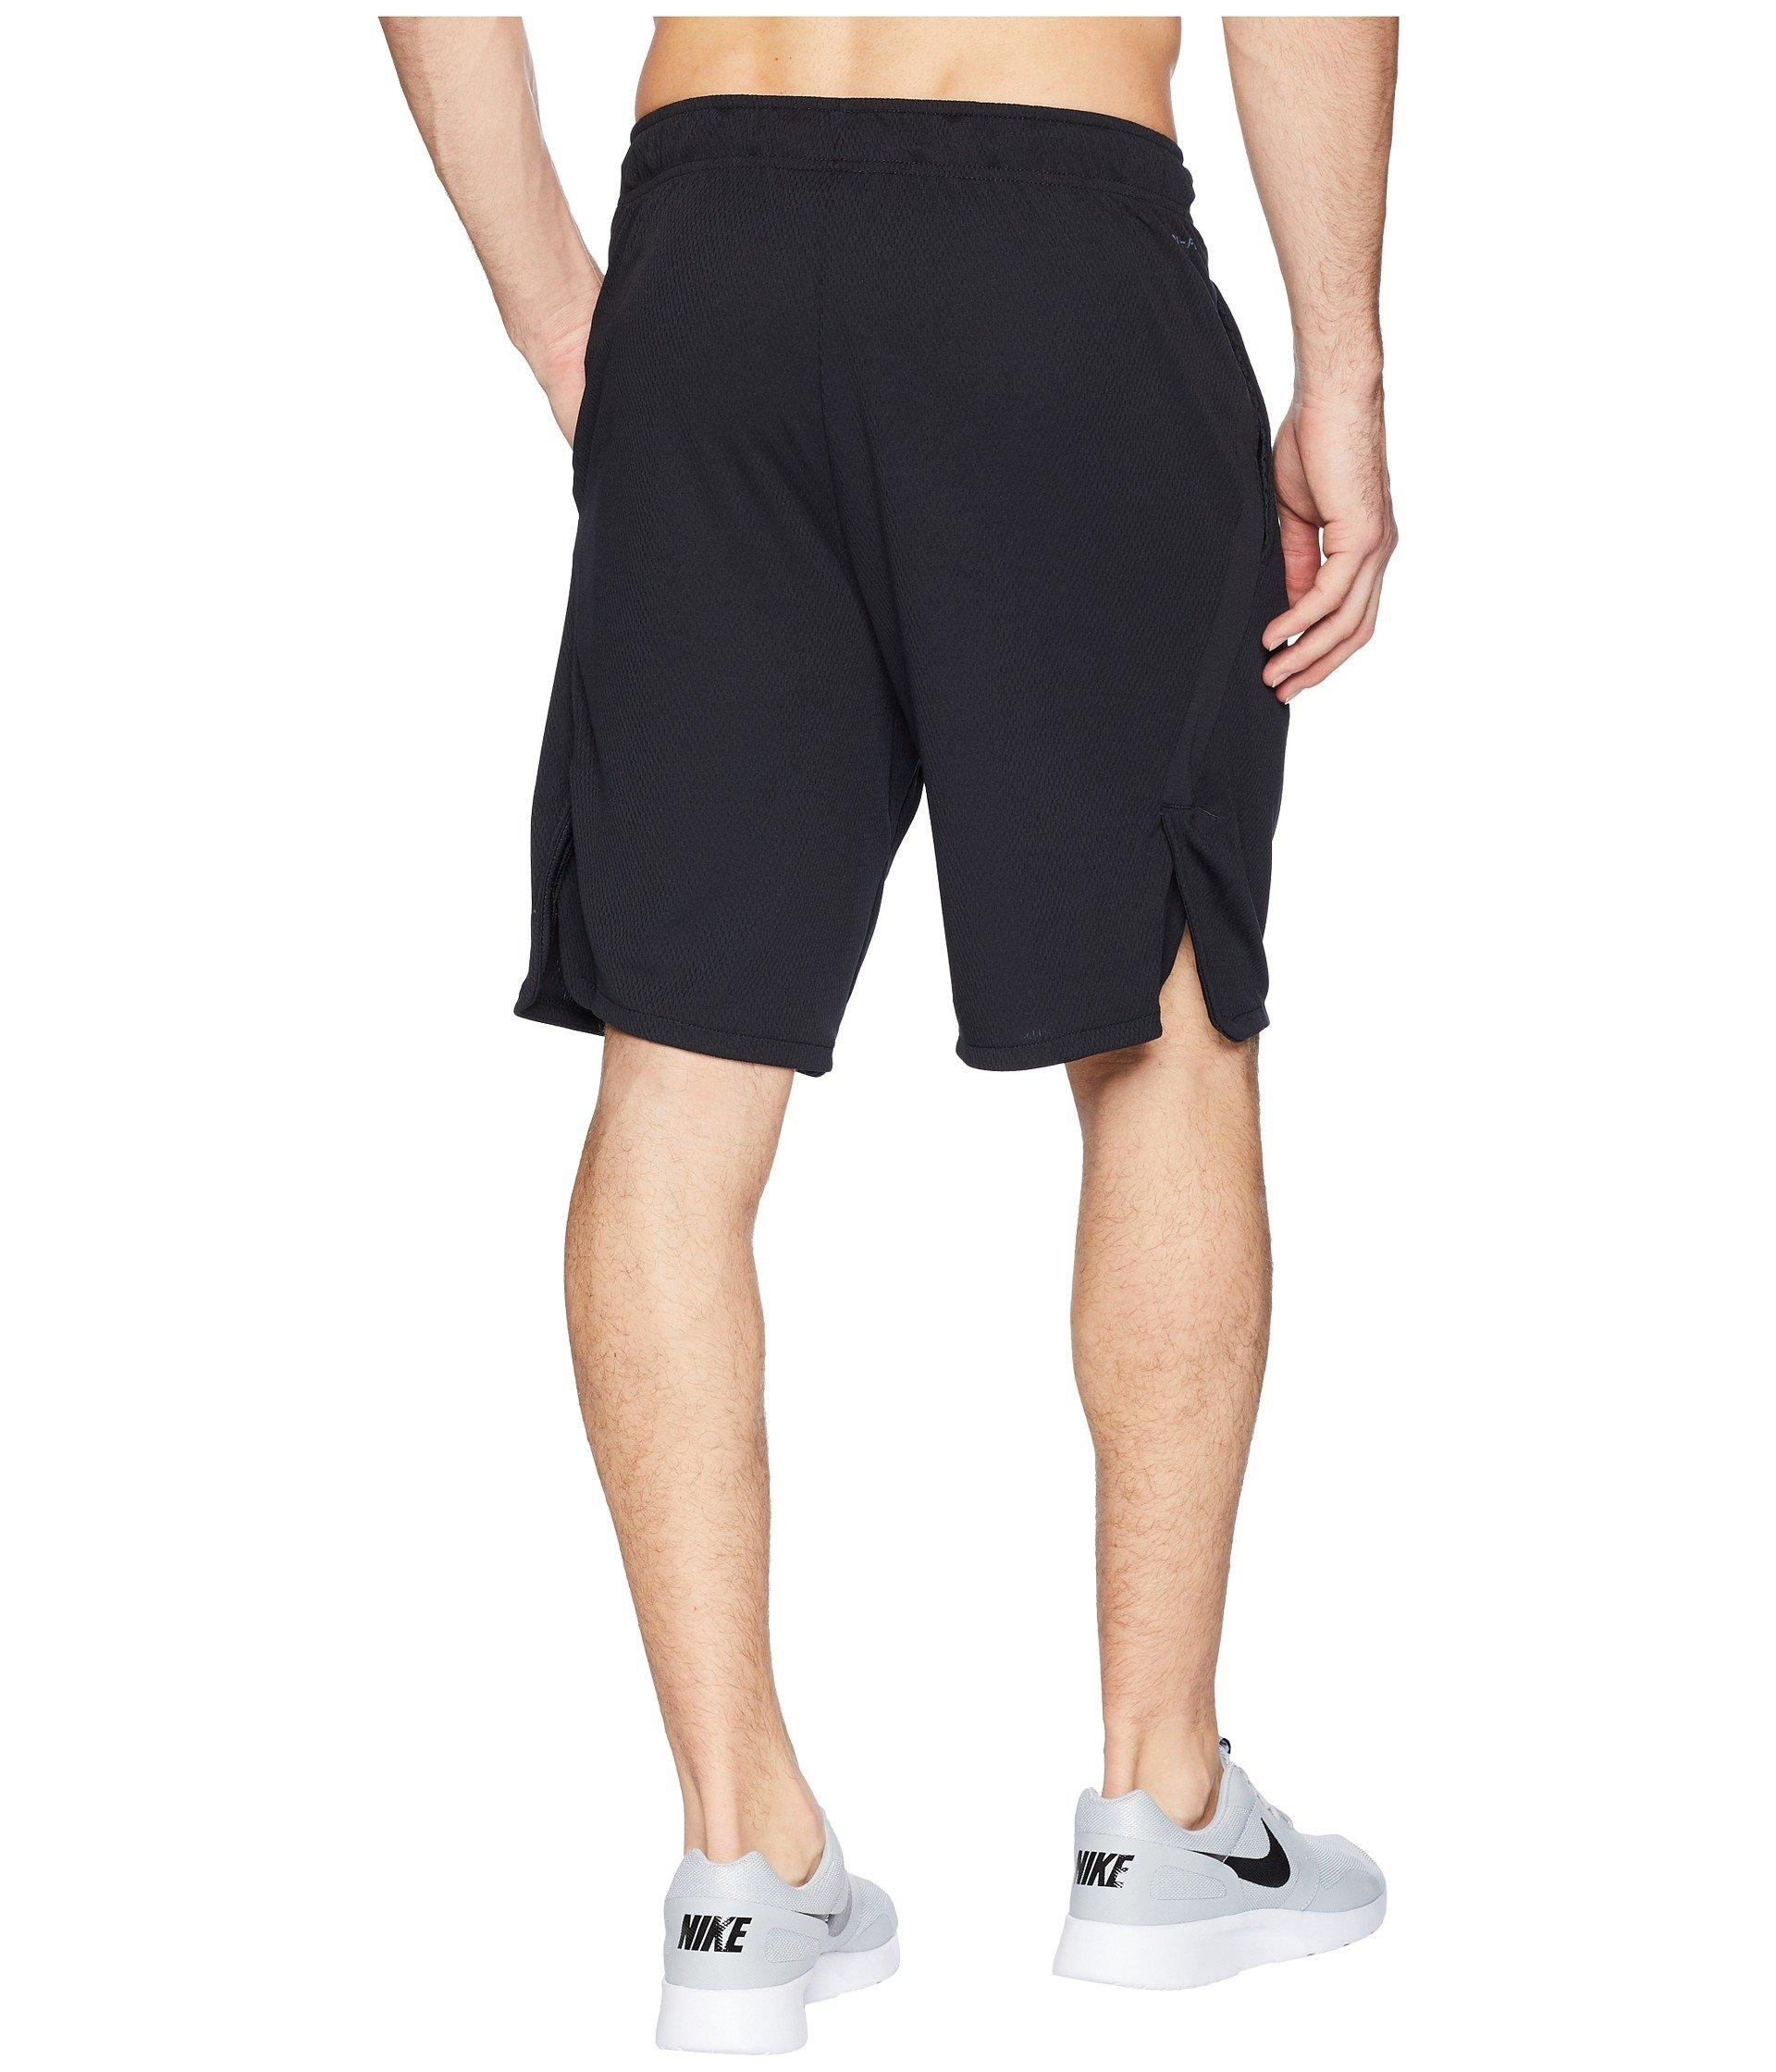 nike 9 training shorts